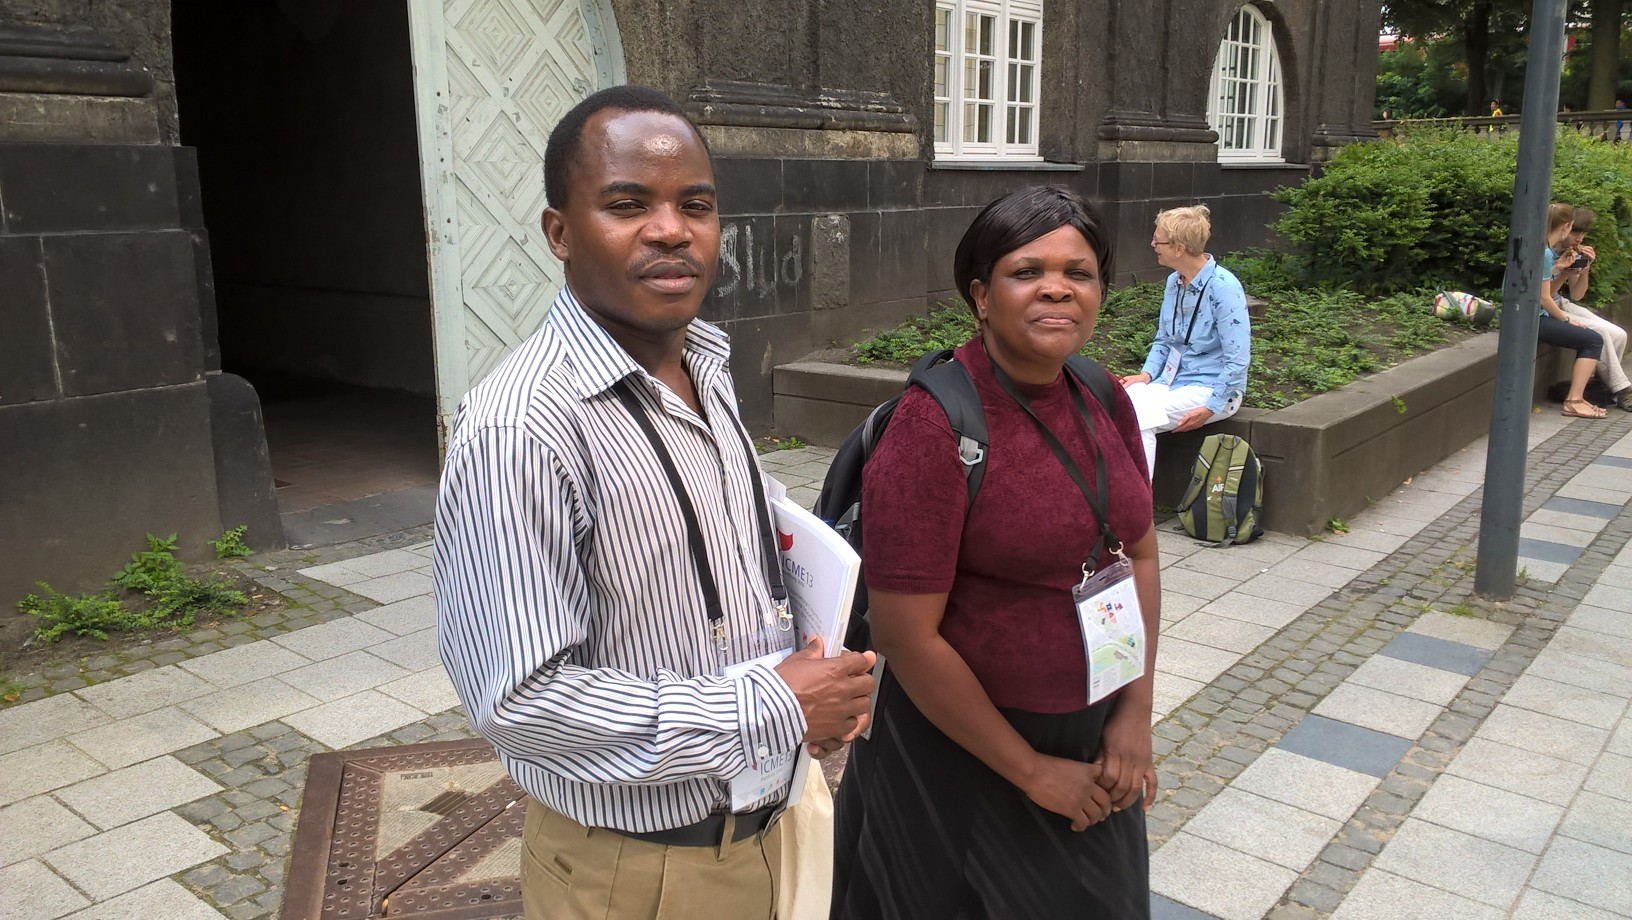 Malawilaiset Dun Nkhoma Kasoka ja Florence Mamba kertoivat nauttivansa konferenssin monipuolisesta annista täysin siemauksin. Mamba piti esityksen opettajakoulutettavien omista kyvyistä ratkaista toisen asteen yhtälöitä.